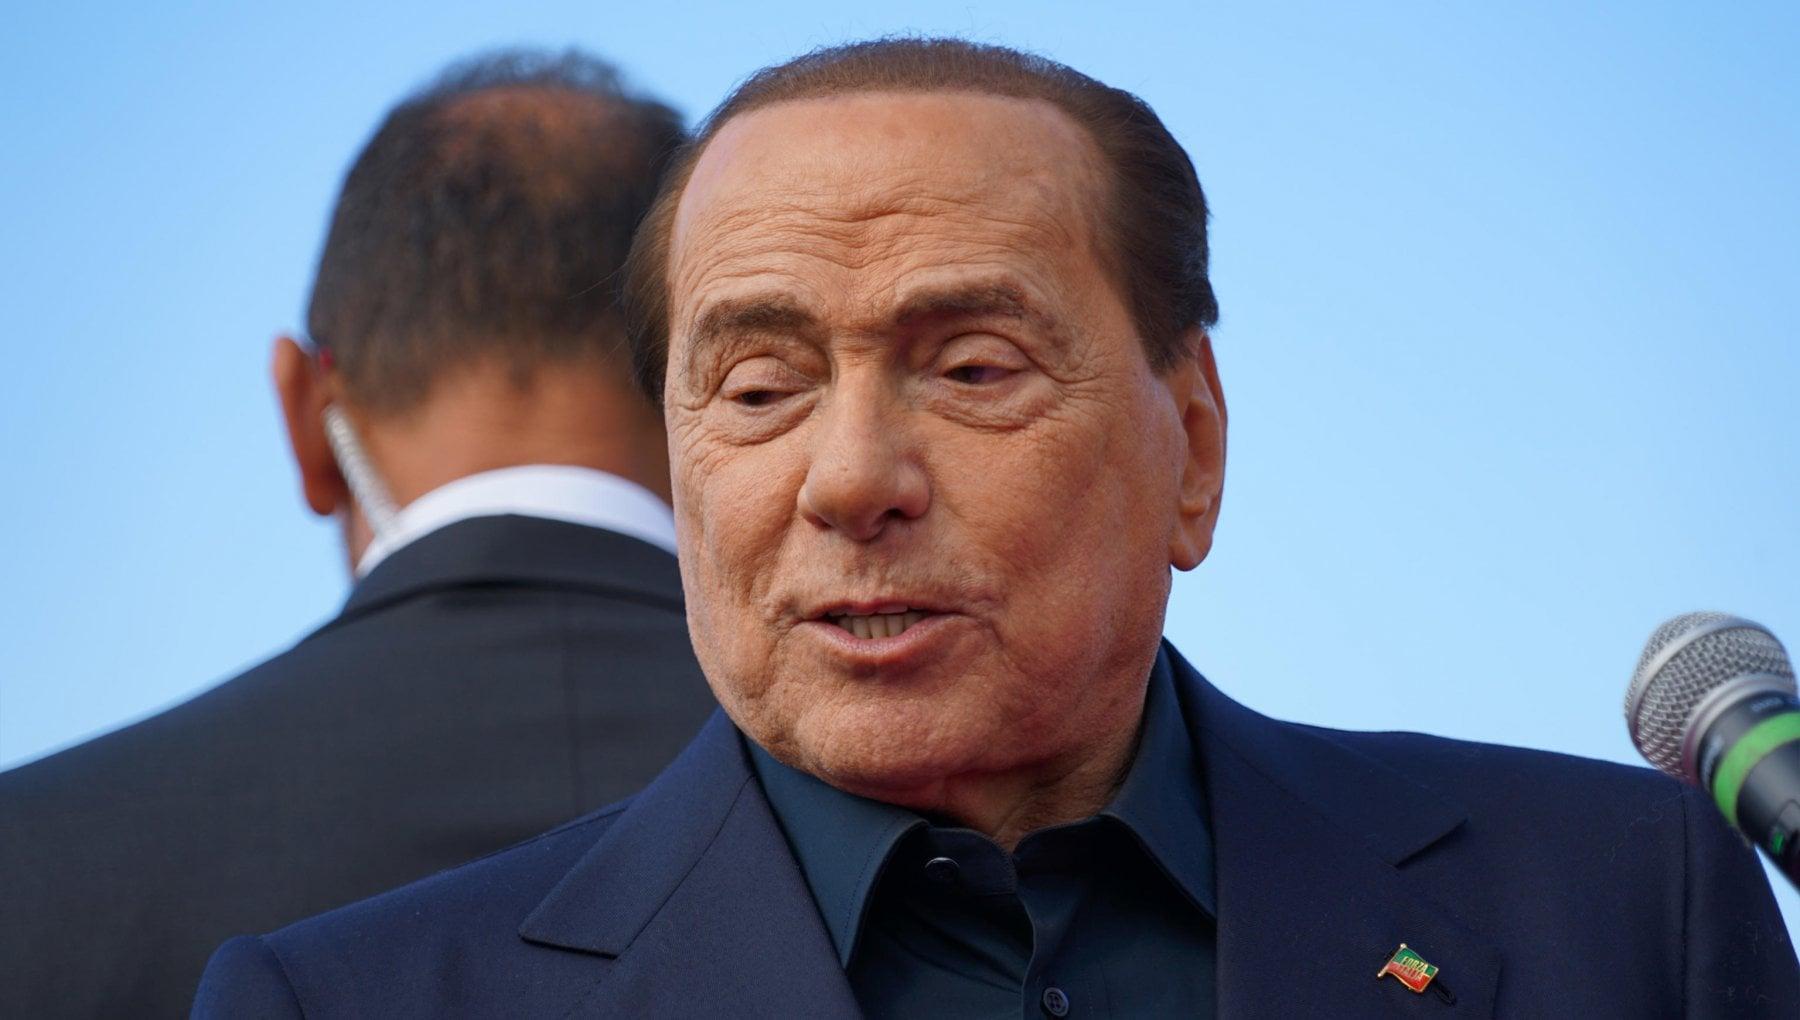 Silvio Berlusconi in ospedale a Monaco. Zangrillo Problema cardiaco imposto ricovero